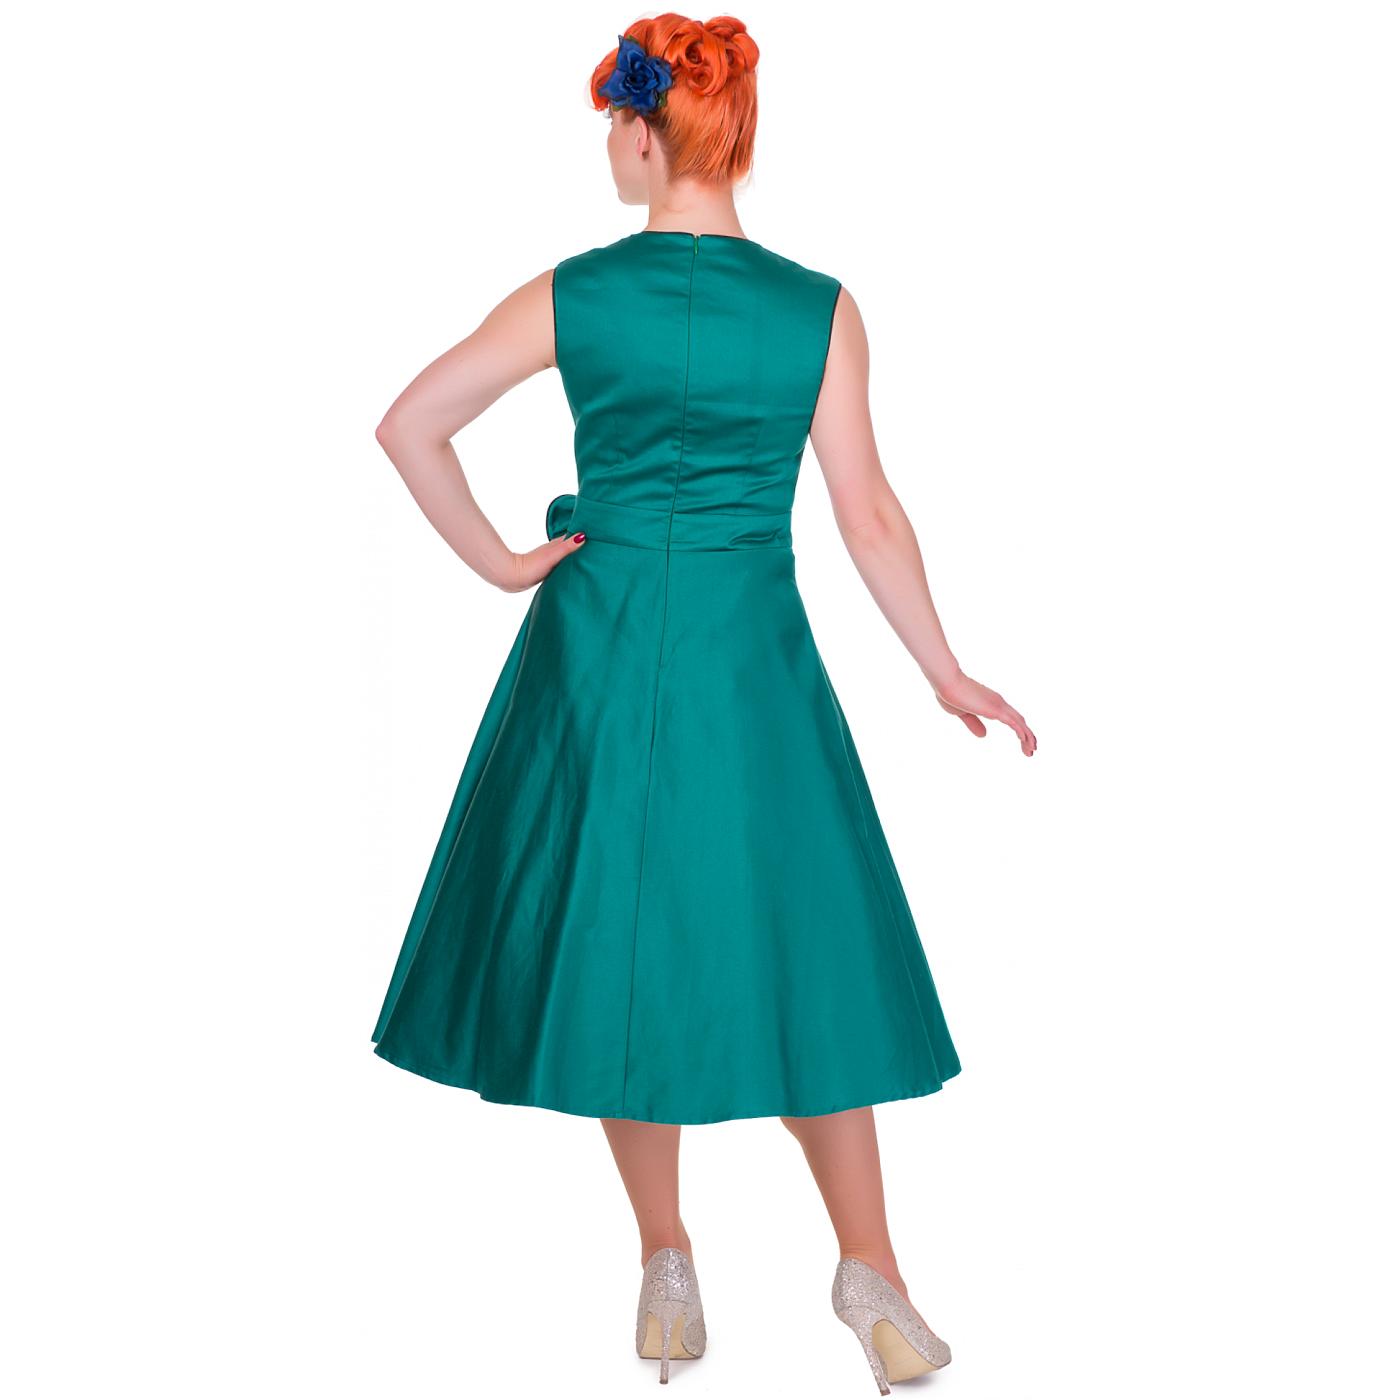 9647d4effc2c Tyrkysové šaty s černým lemem Dolly nad Dotty Harriet Dolly and ...